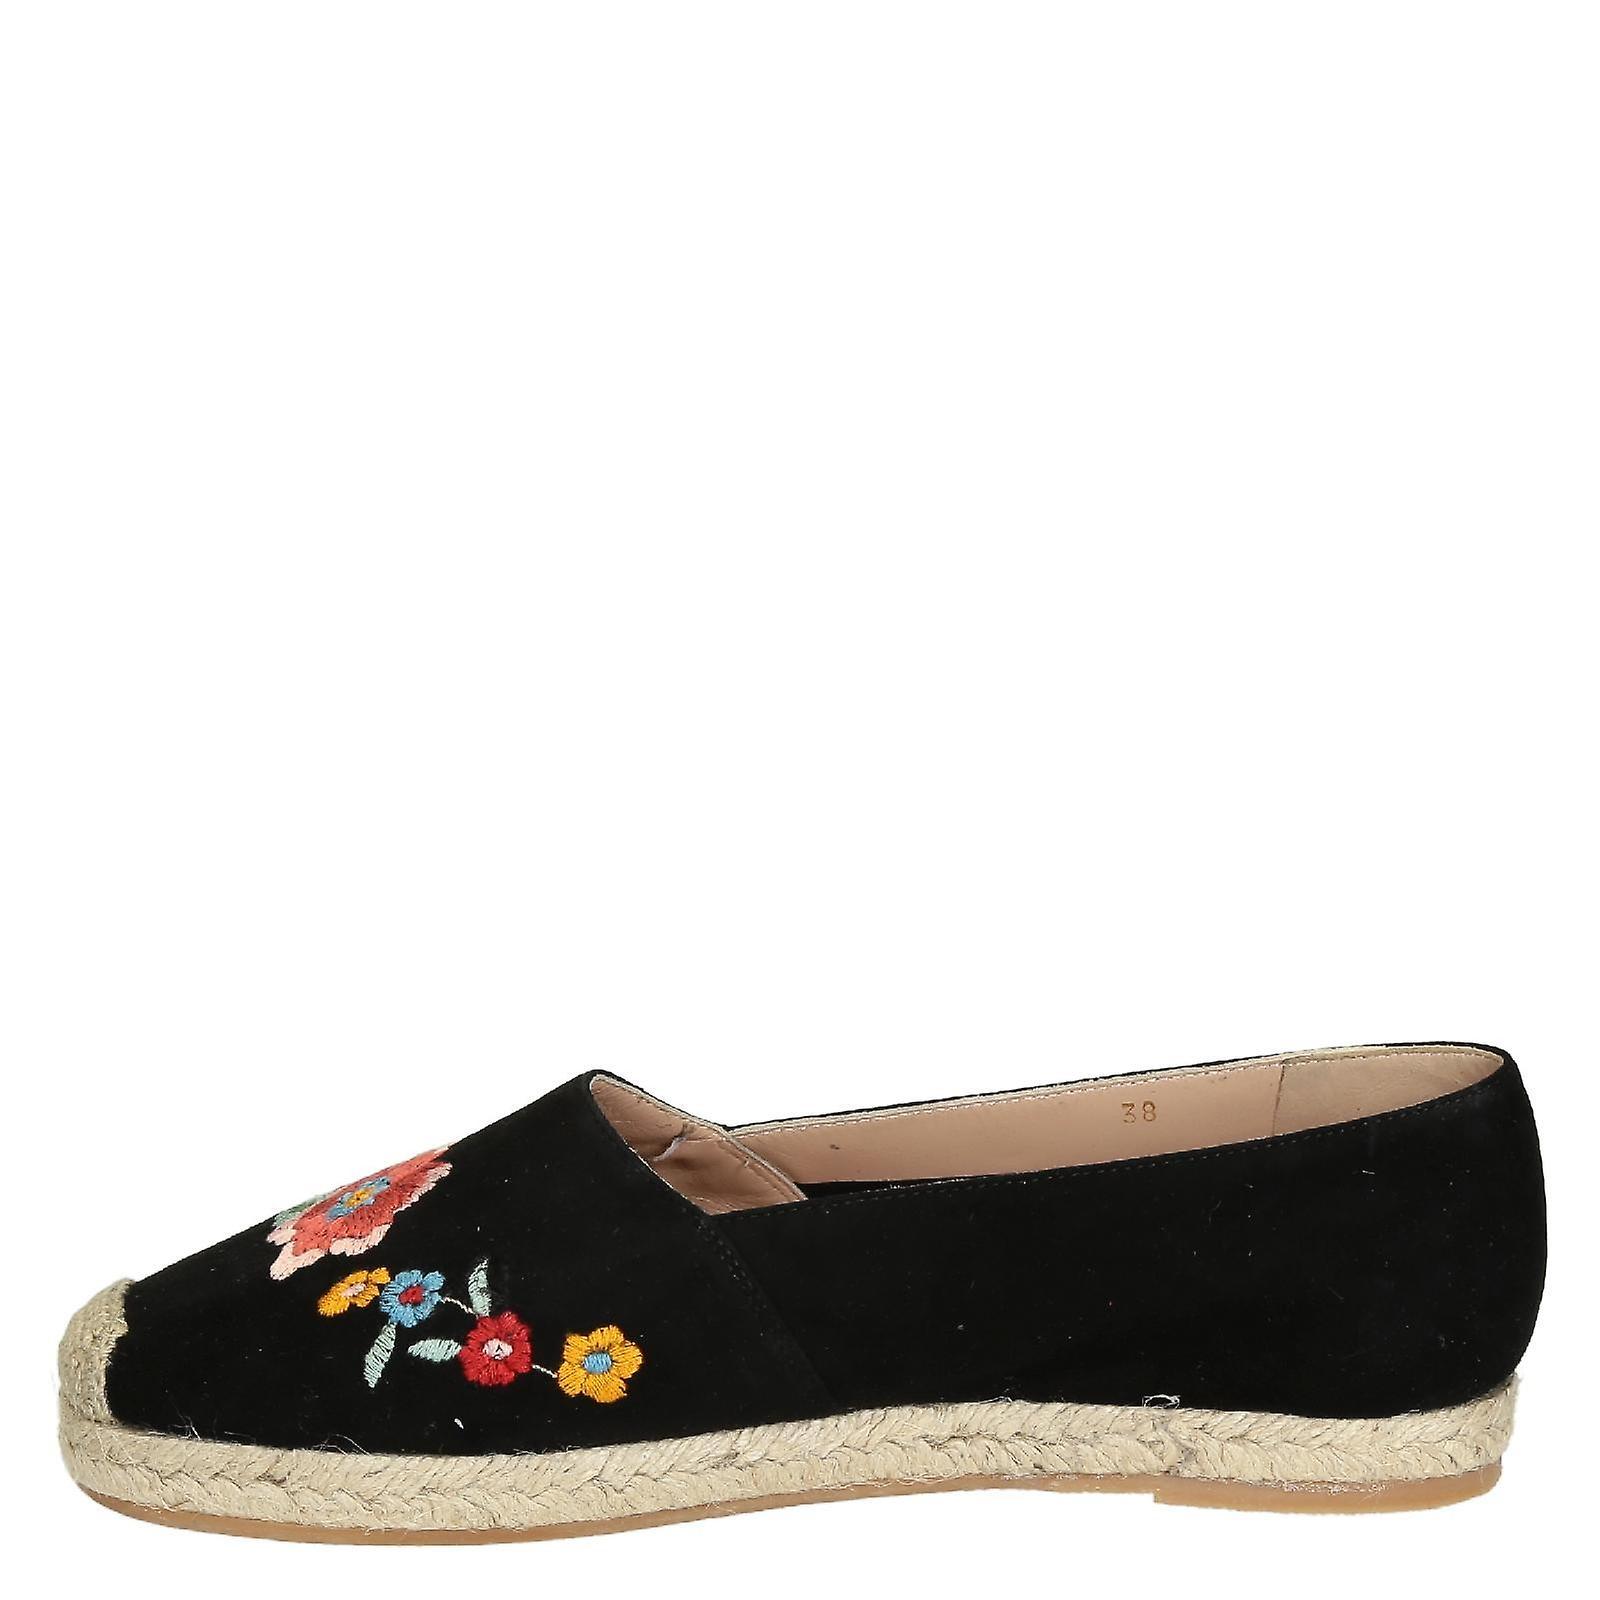 Alpargatas planas de cuero de gamuza negra con bordado floral